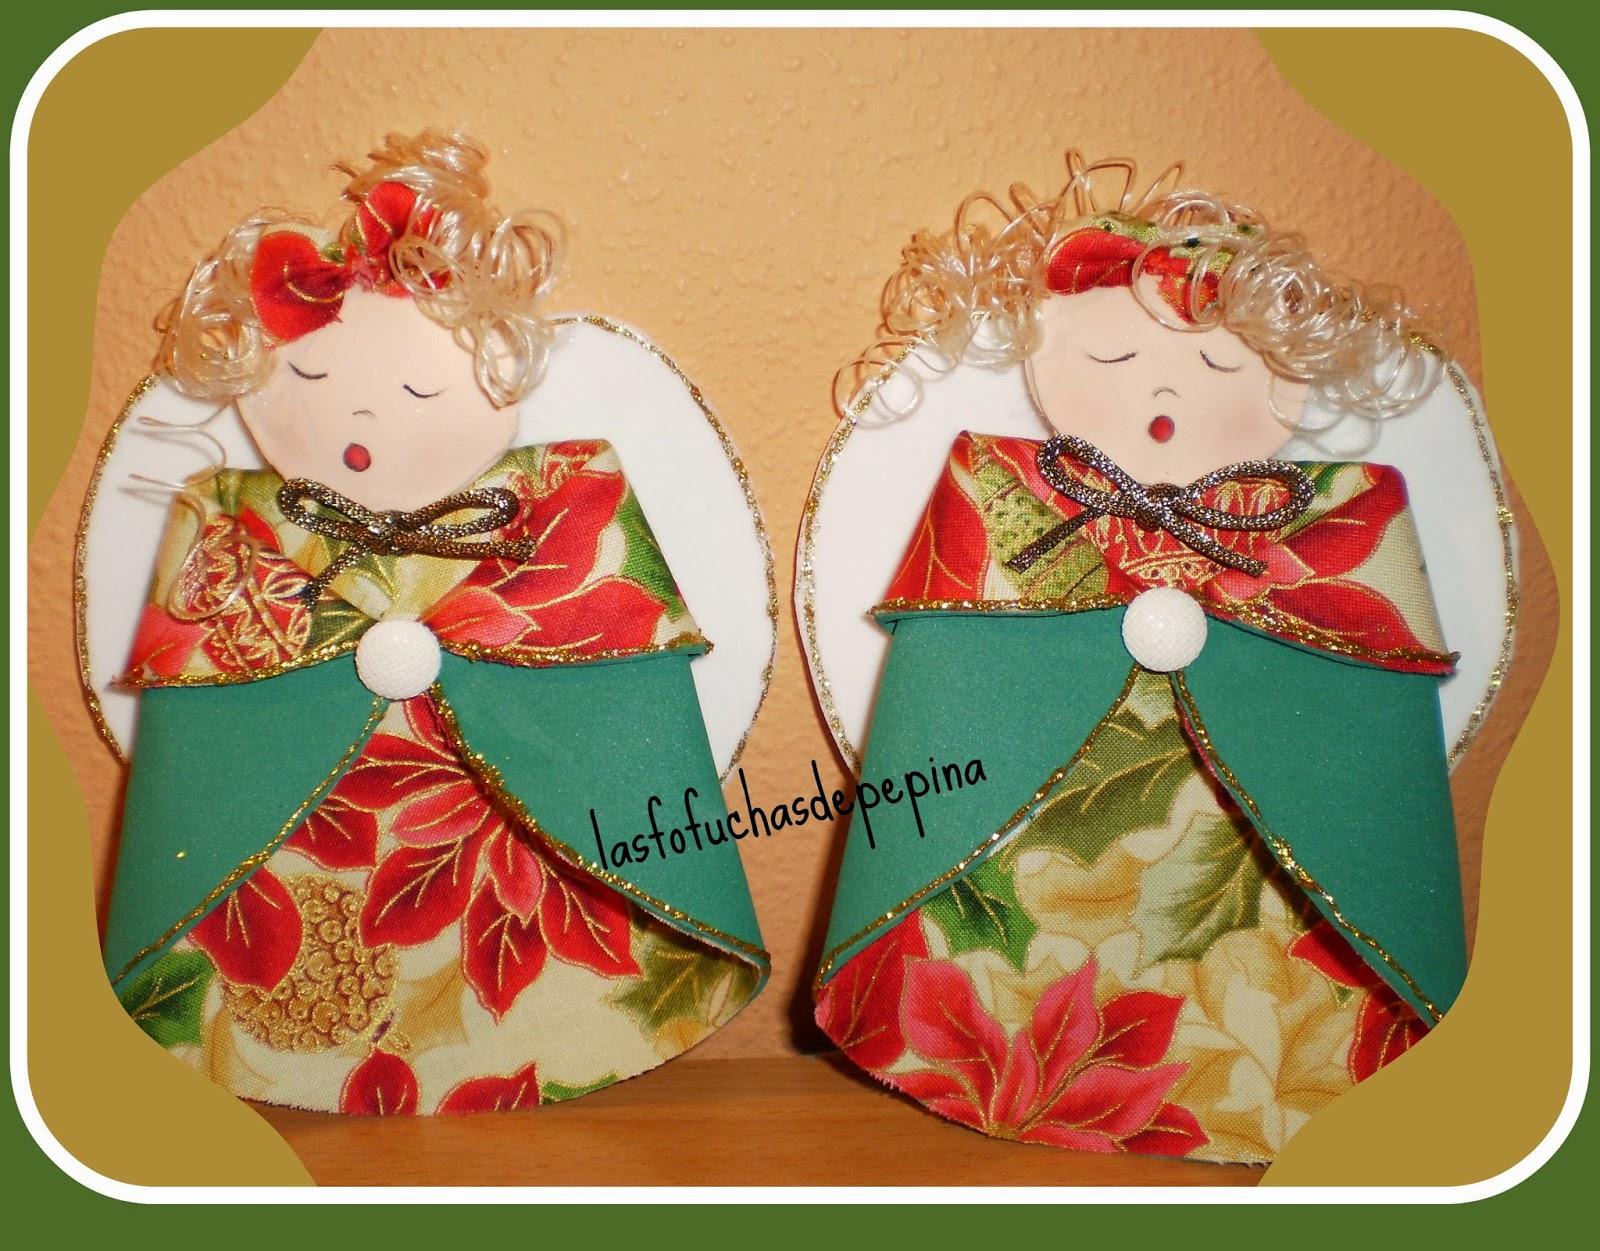 Las fofuchas de pepina adornos para el rbol de navidad - Como se hacen adornos navidenos ...